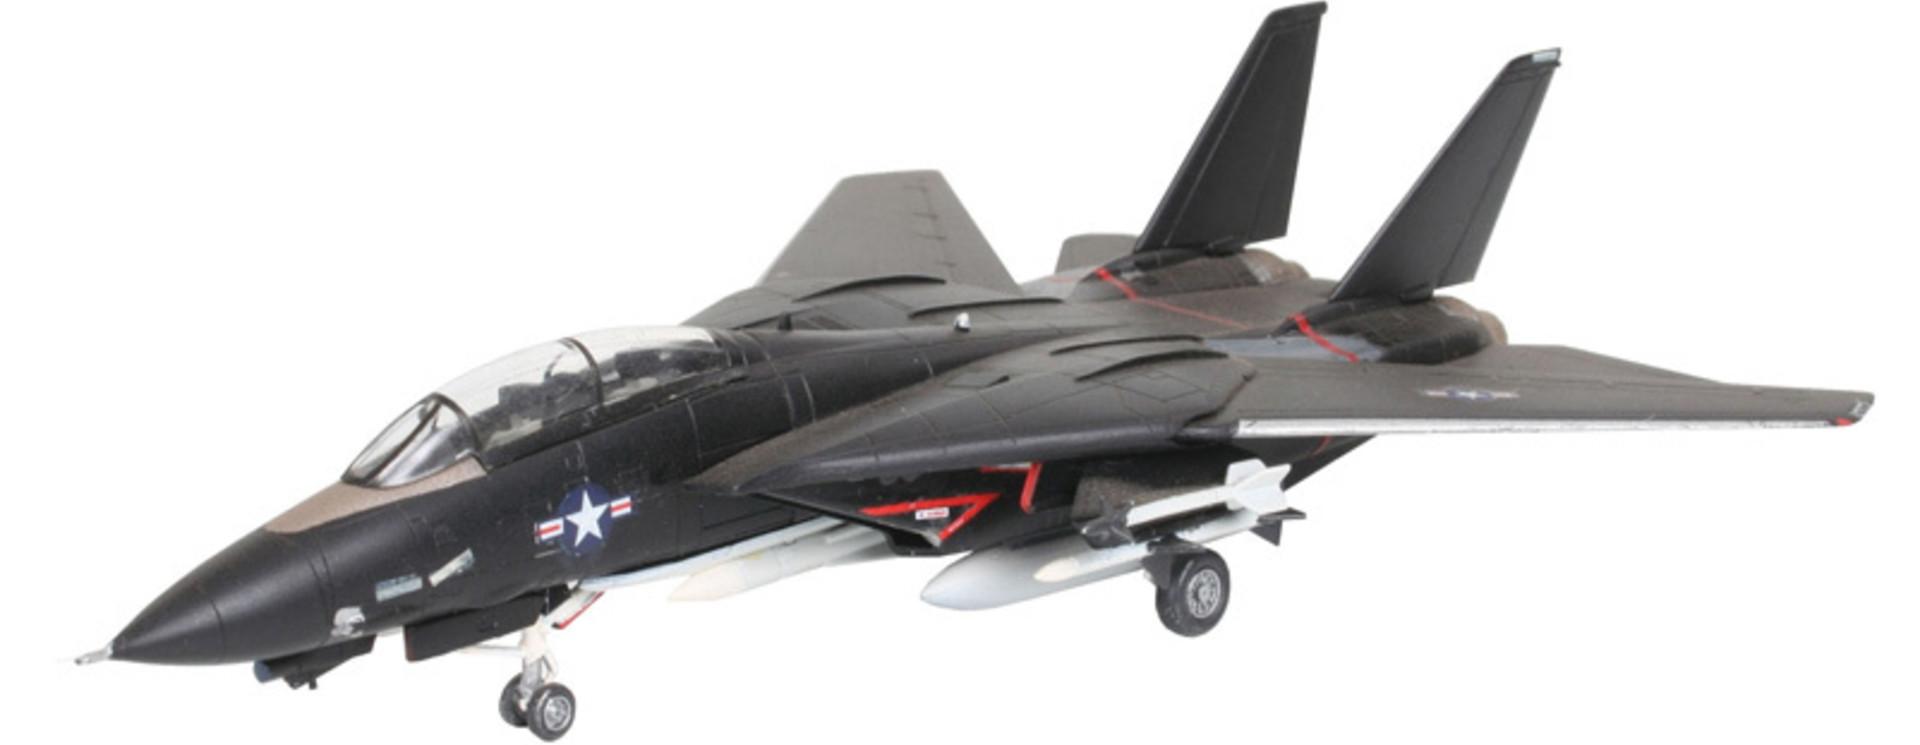 Militaire en moderne vliegtuigen, civiele vliegtuigen, helicopters